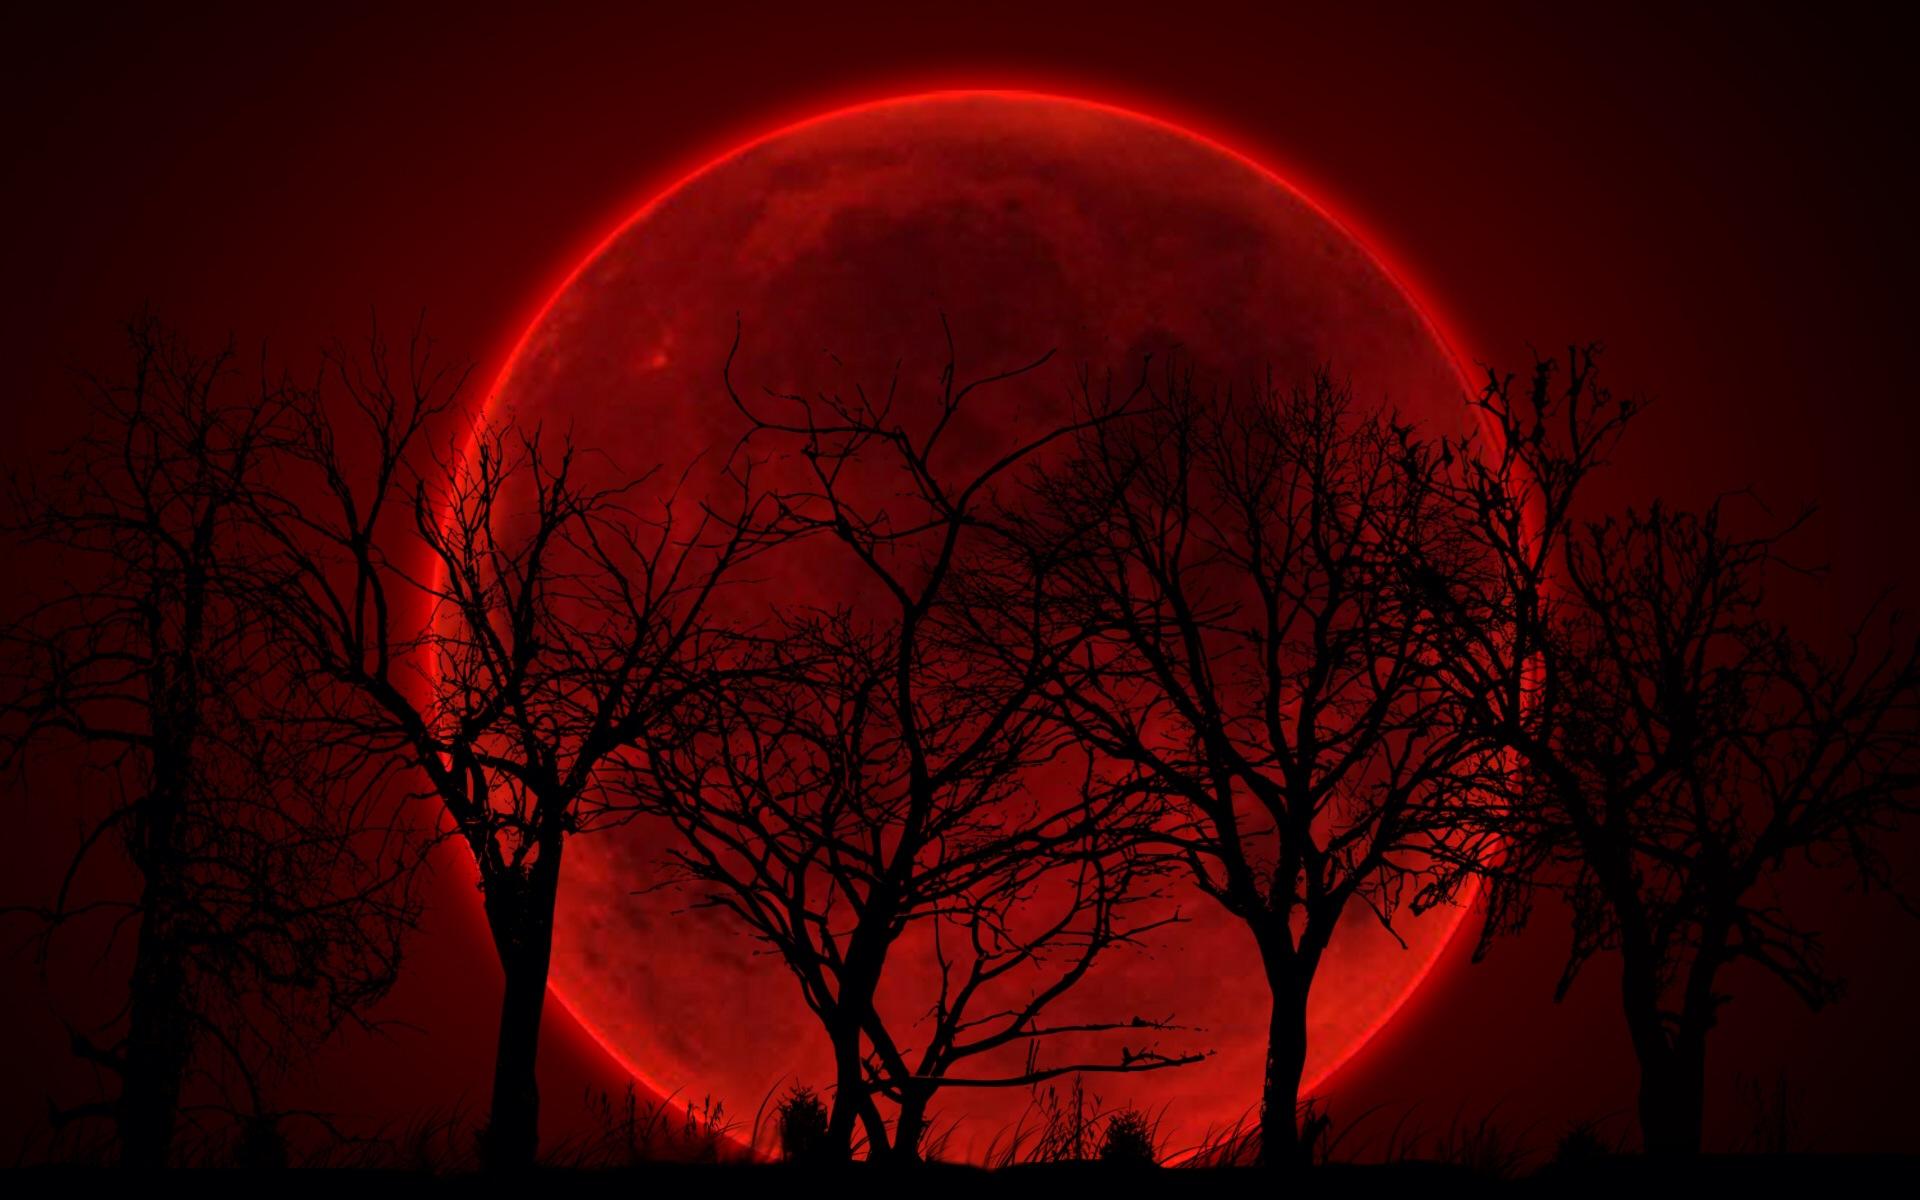 فرصت چند ساعته تماشای ماه گرفتگی را از دست ندهید +زمان آغاز و پایان خسوف